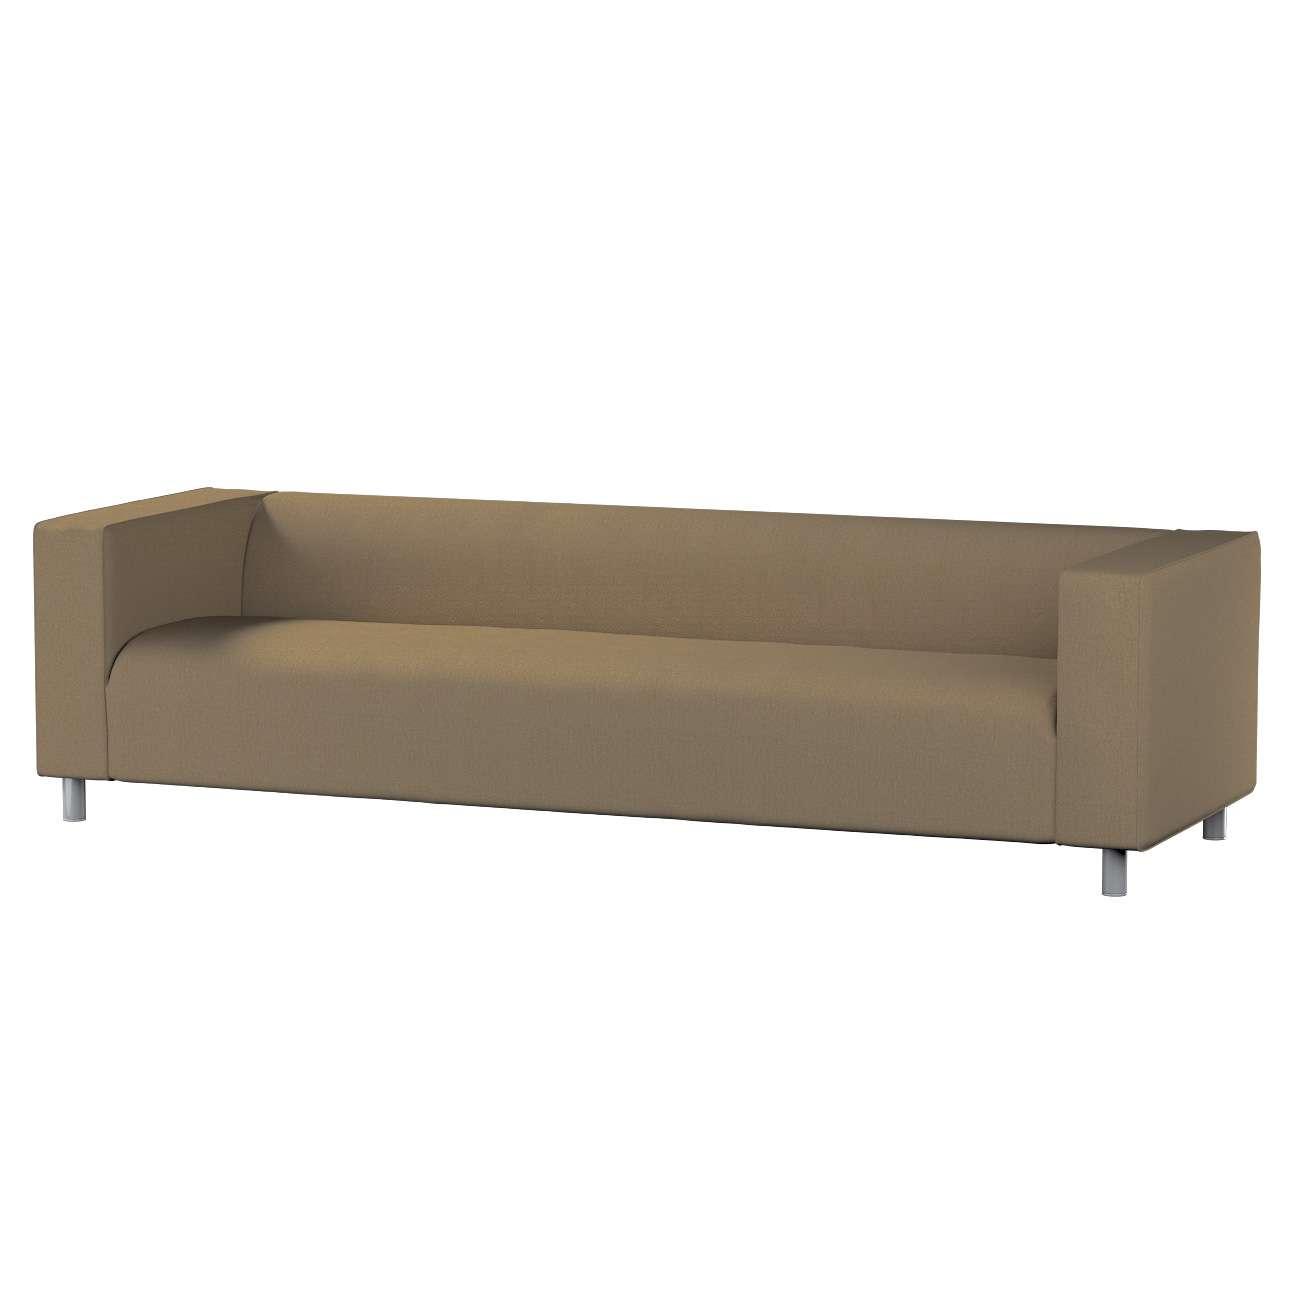 Klippan keturvietės sofos užvalkalas Klippan keturvietė sofa kolekcijoje Chenille, audinys: 702-21